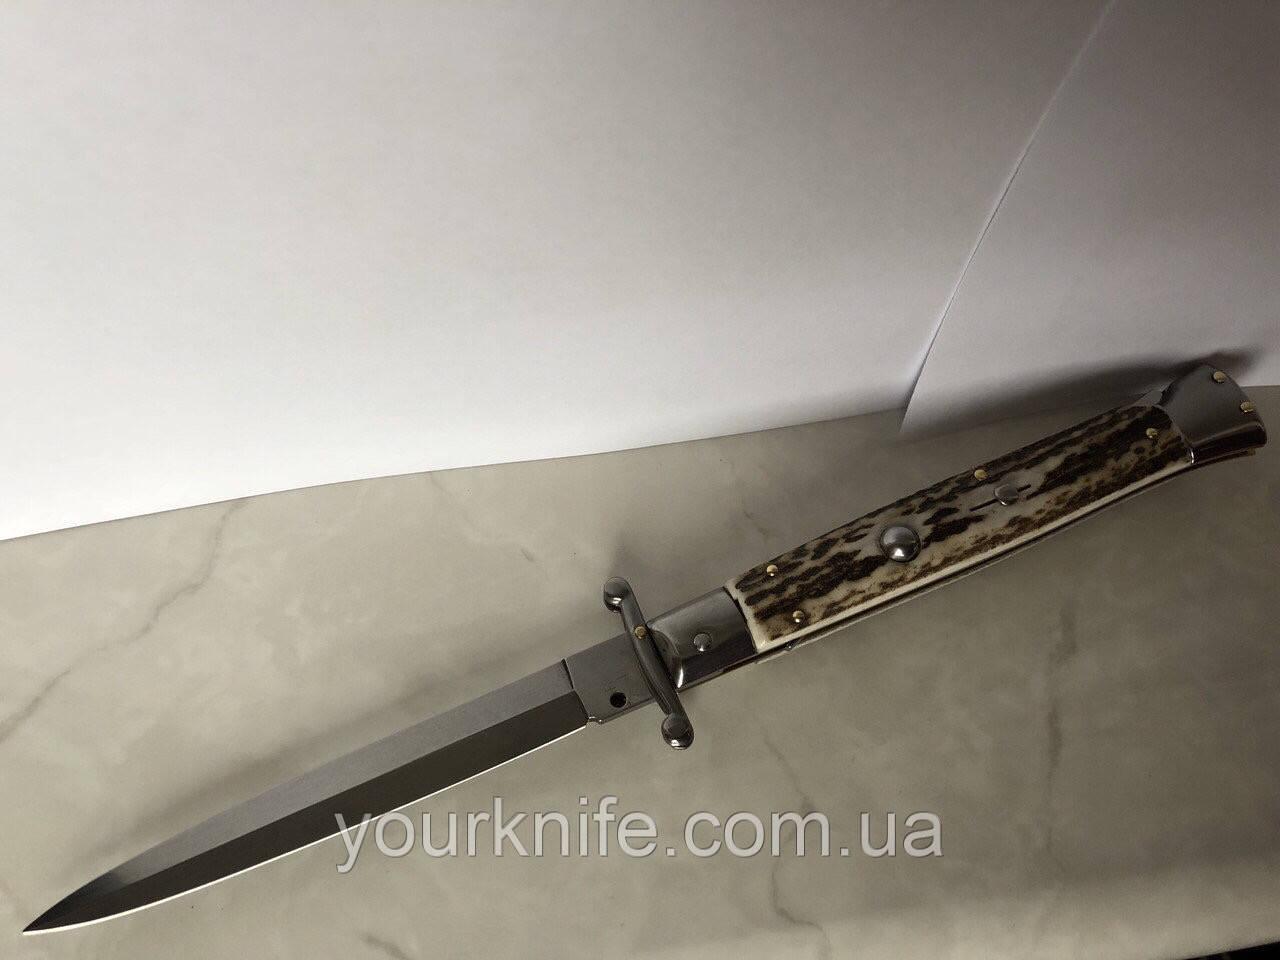 Купить Нож Итальянский автоматический стилет Frank Beltrame Swinguard 28см рог оленя Bayonet